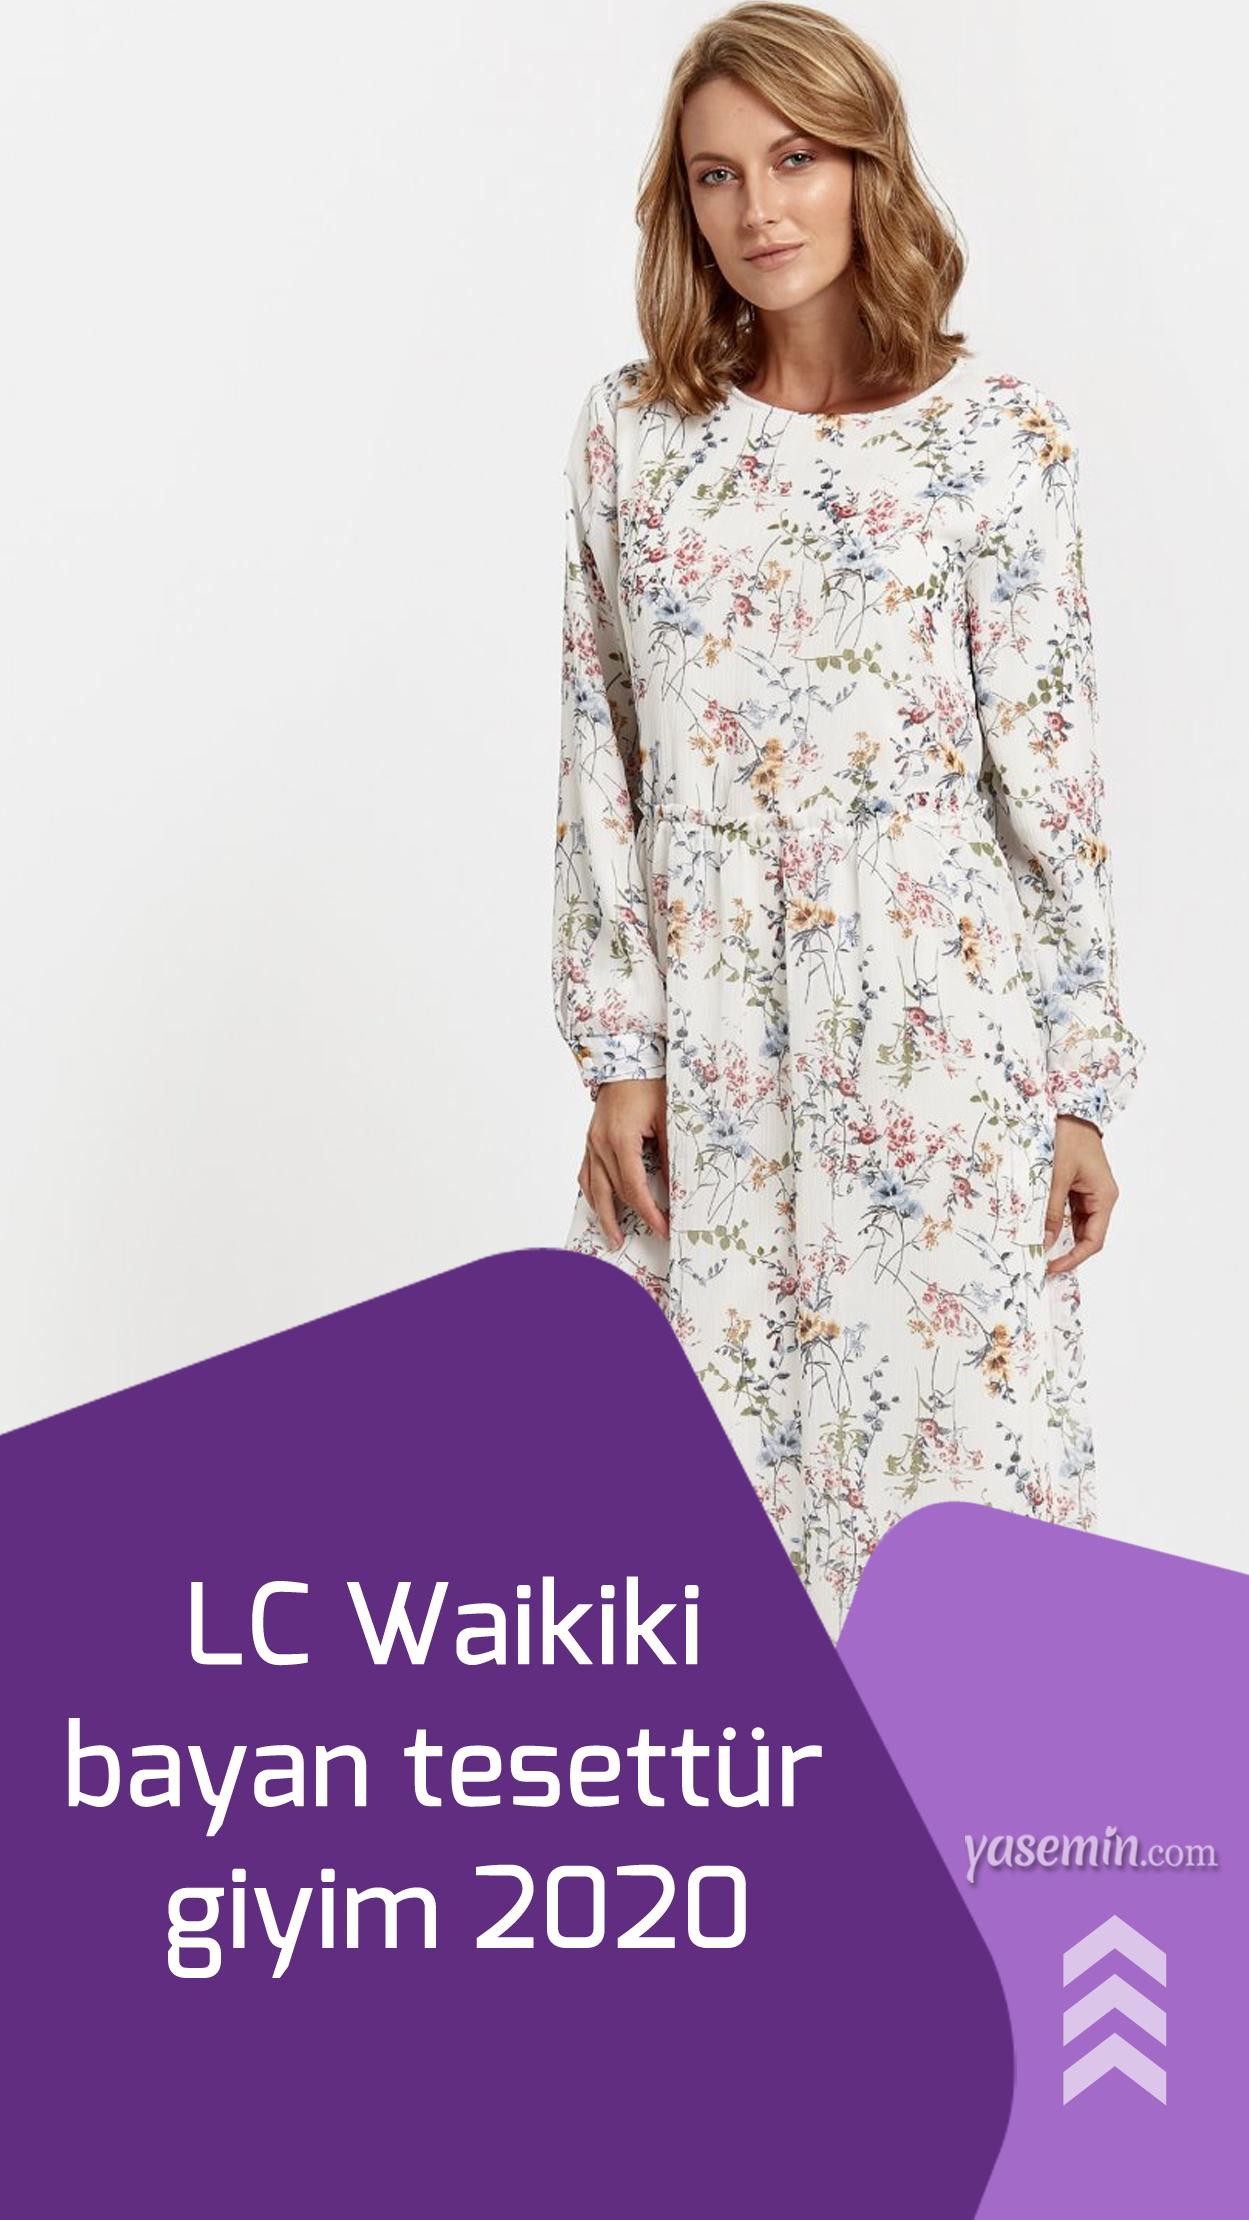 Lc Waikiki Bayan Tesettur Giyim 2020 2020 Giyim Moda Moda Stilleri